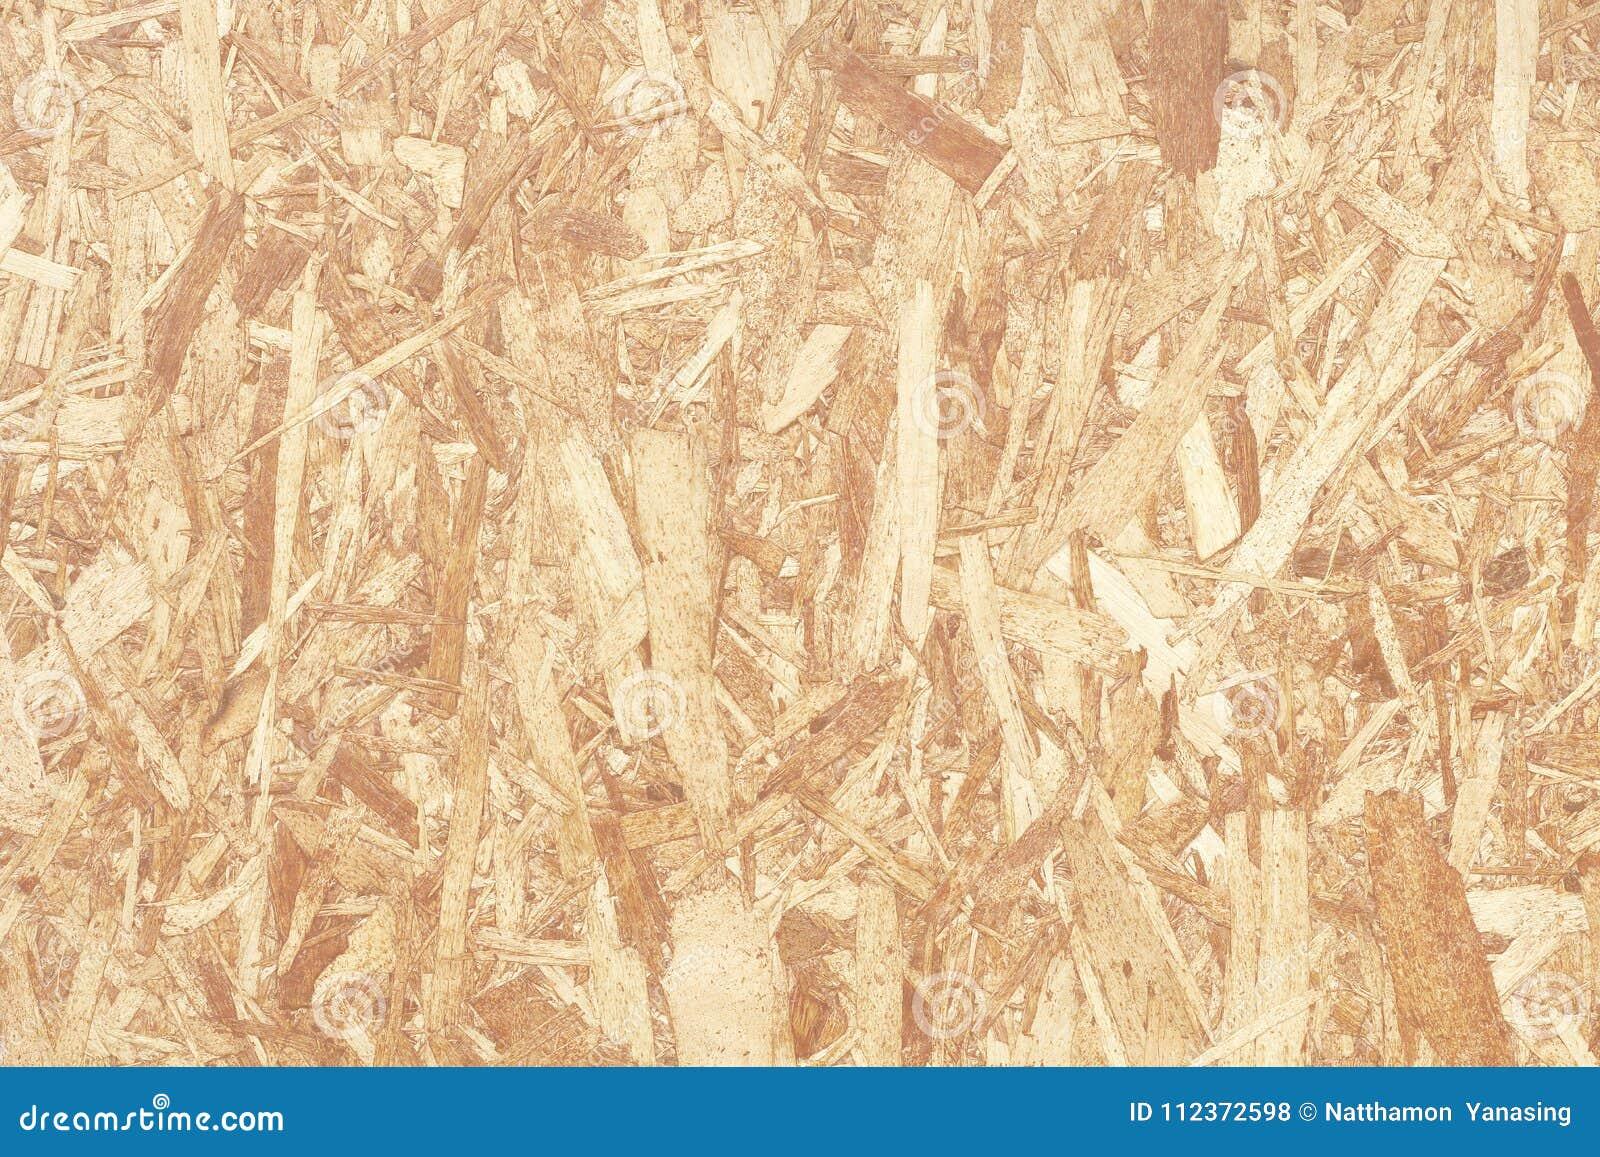 Kryssfanerbrädetextur i naturliga modeller med hög upplösning, trägrained bakgrund